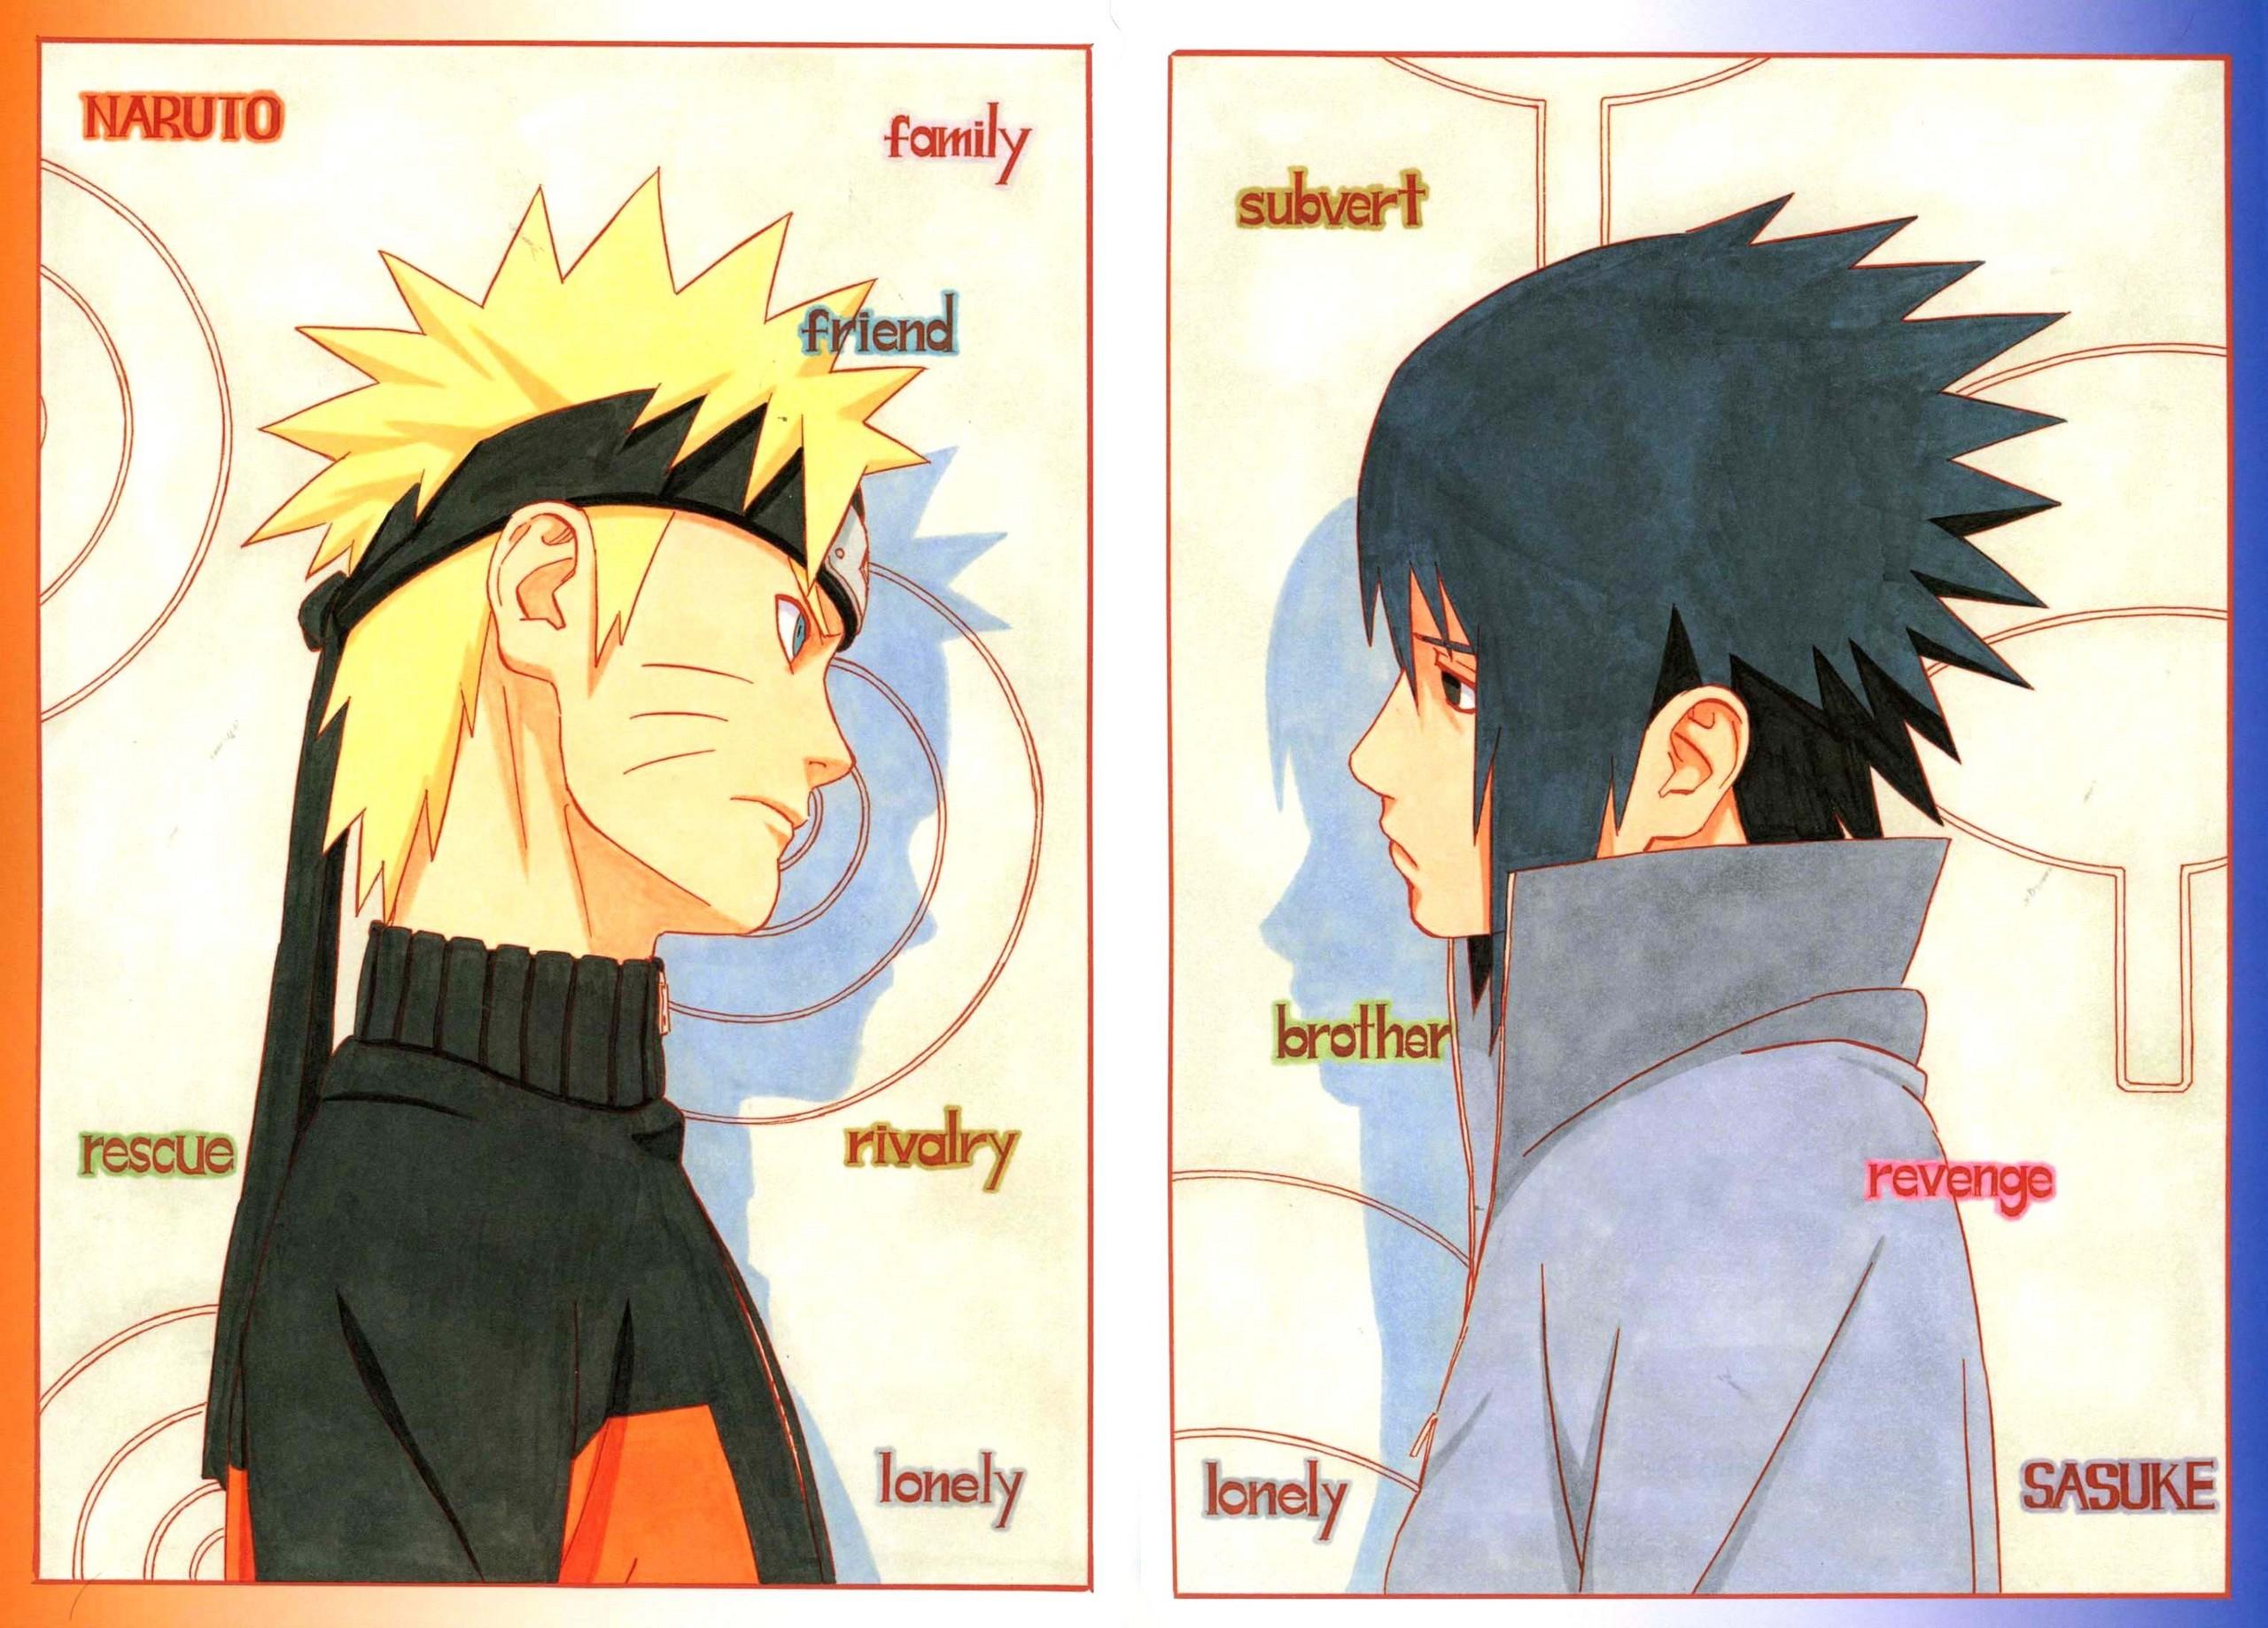 NARUTO -ナルト- and Sasuke